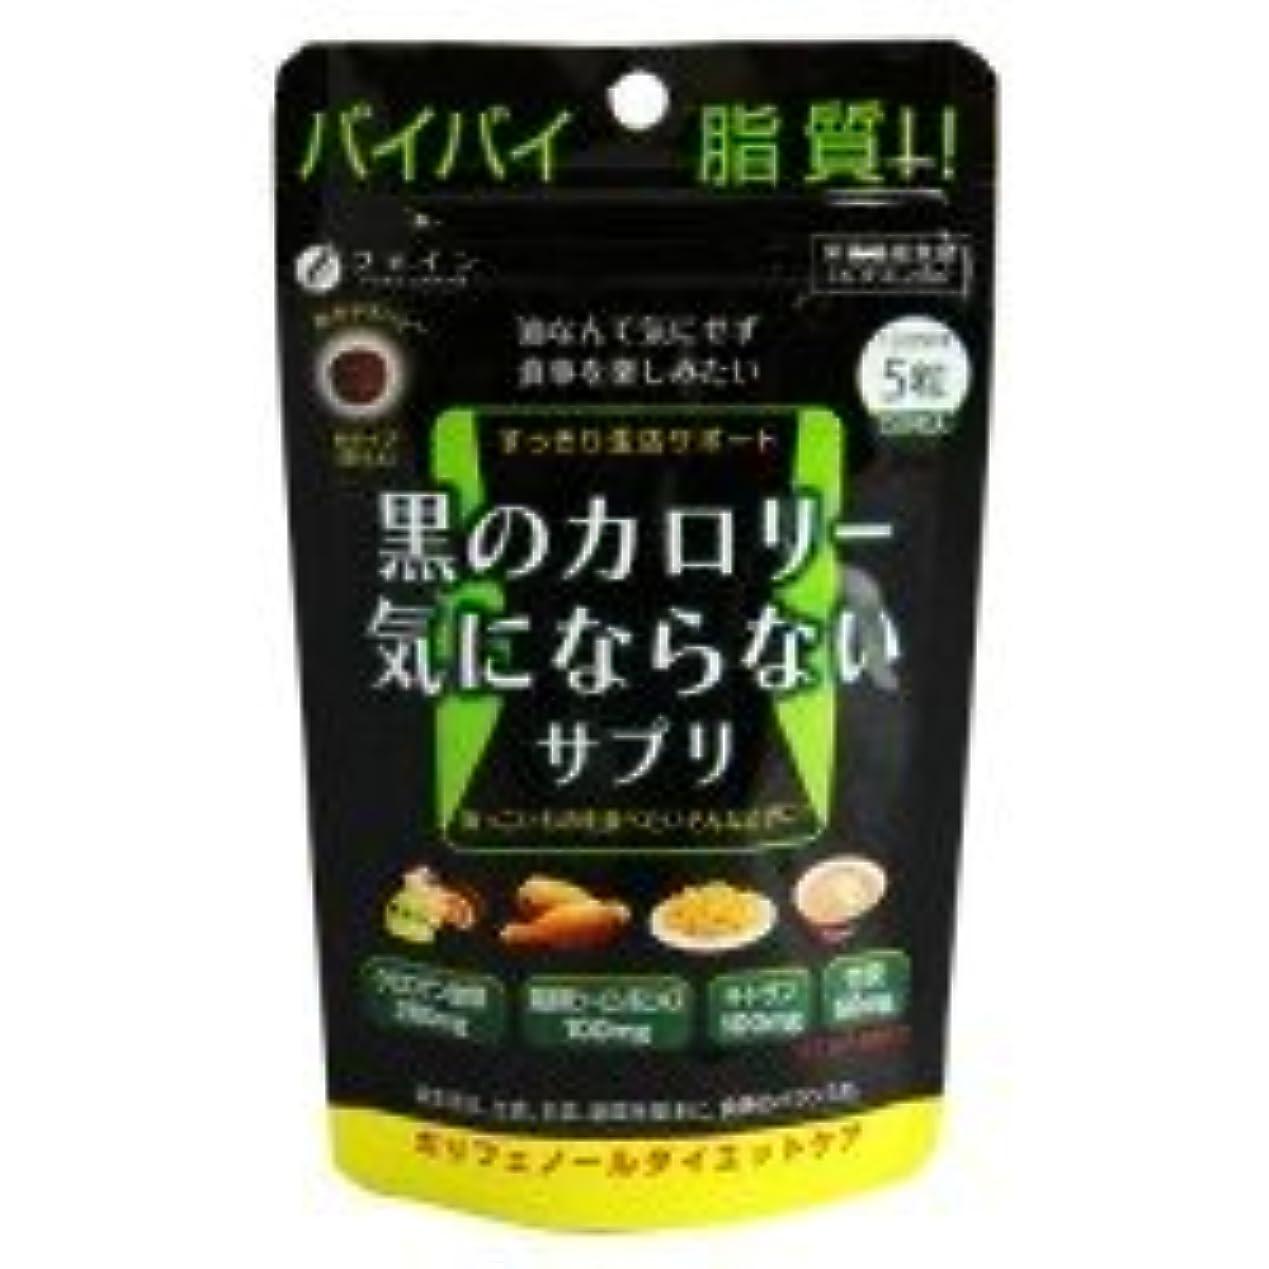 ニックネーム国籍イサカファイン 黒のカロリー気にならない 栄養機能食品(ビタミンB6) 30g(200mg×150粒)